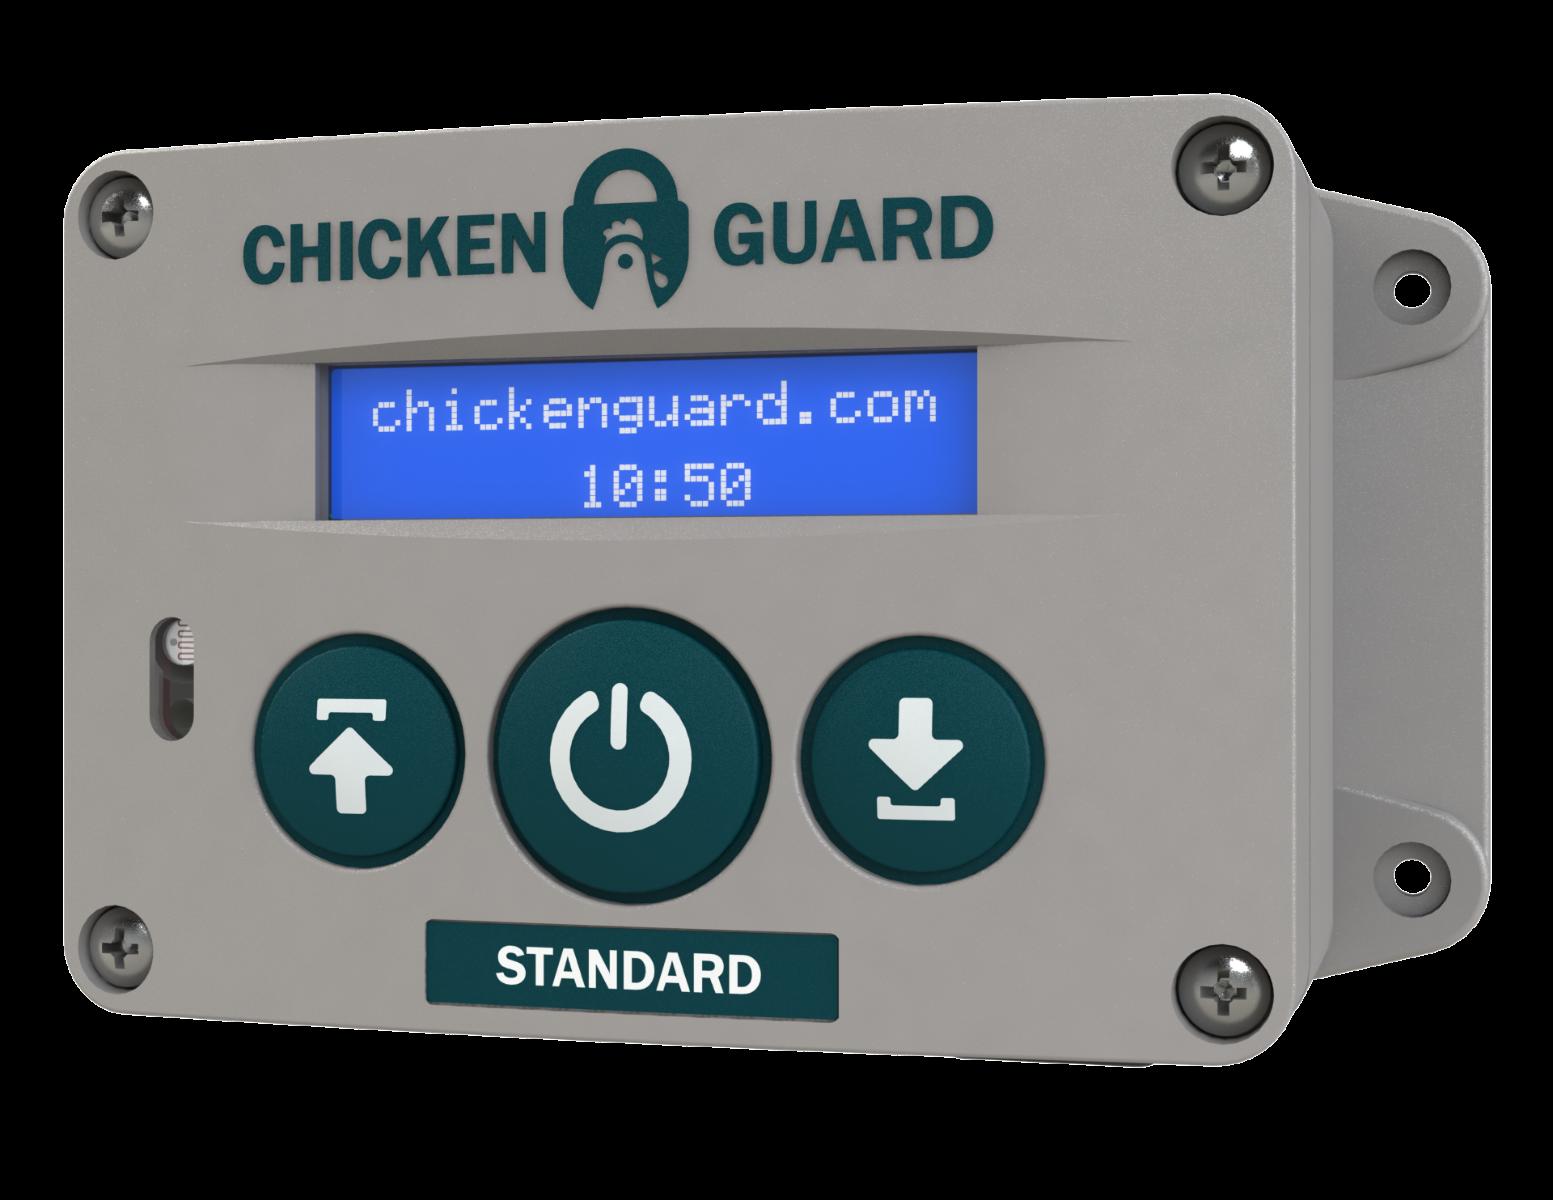 Automatic Door Opener For The Devon Chicken Coop